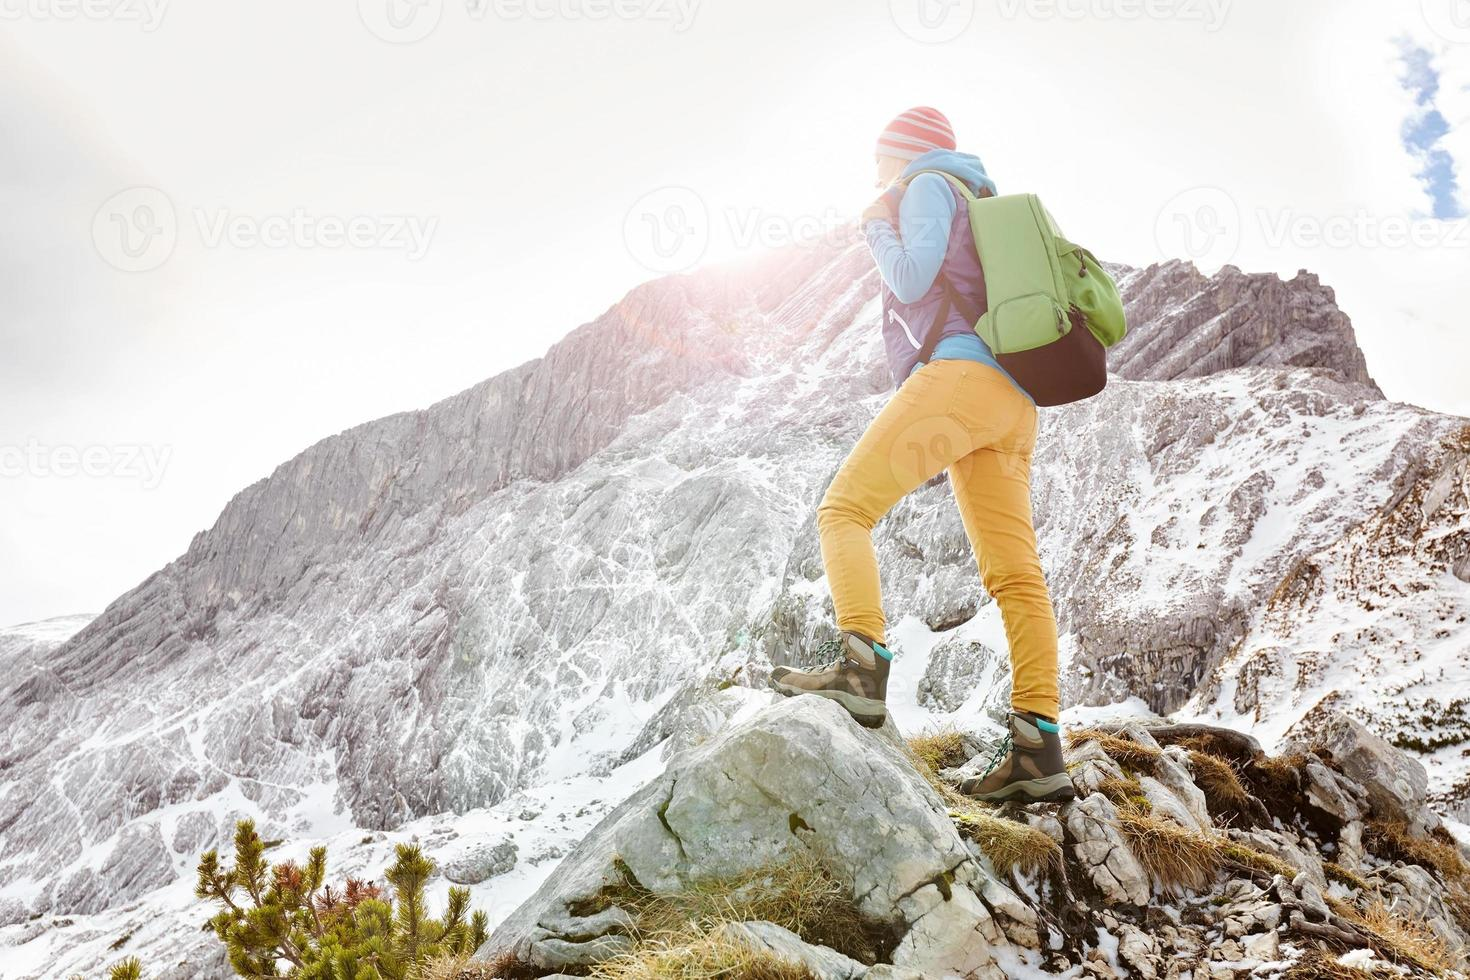 tjej på bergens avsats foto